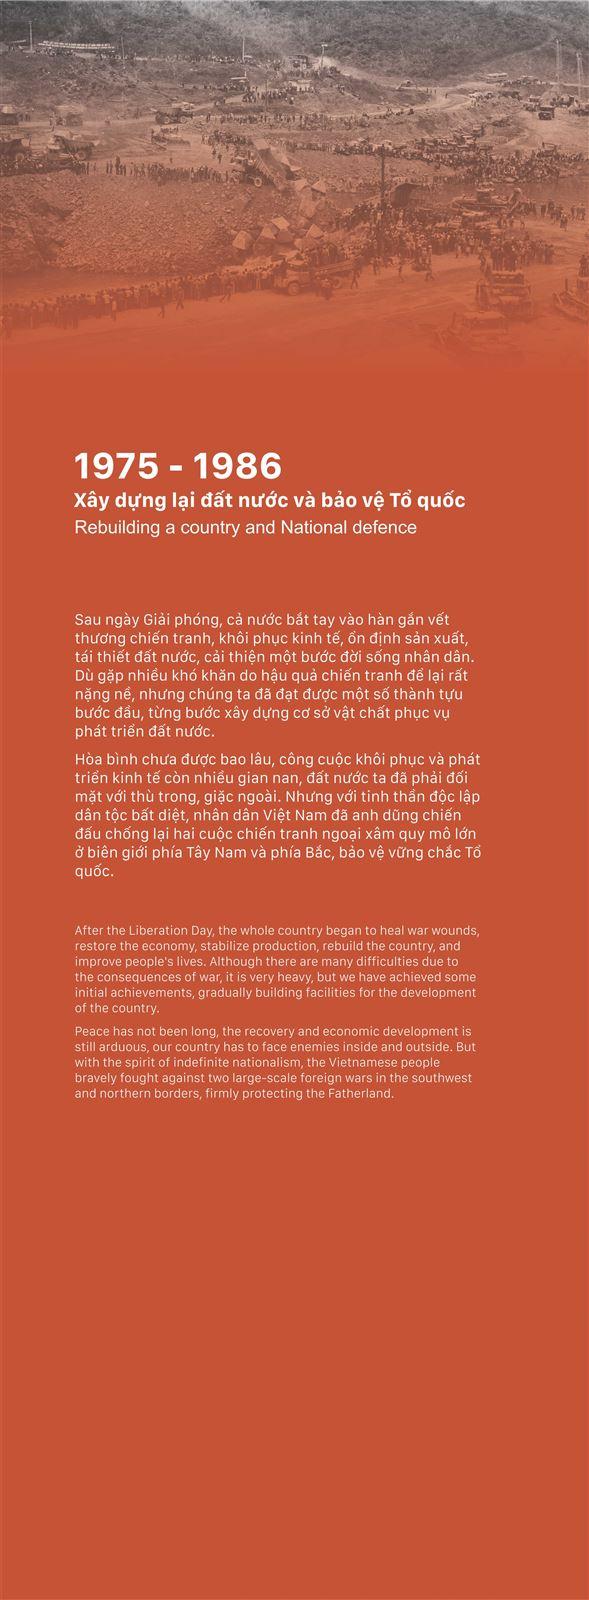 Chủ đề 2: Xây dựng lại đất nước và bảo vệ Tổ quốc (1975 - 1986)